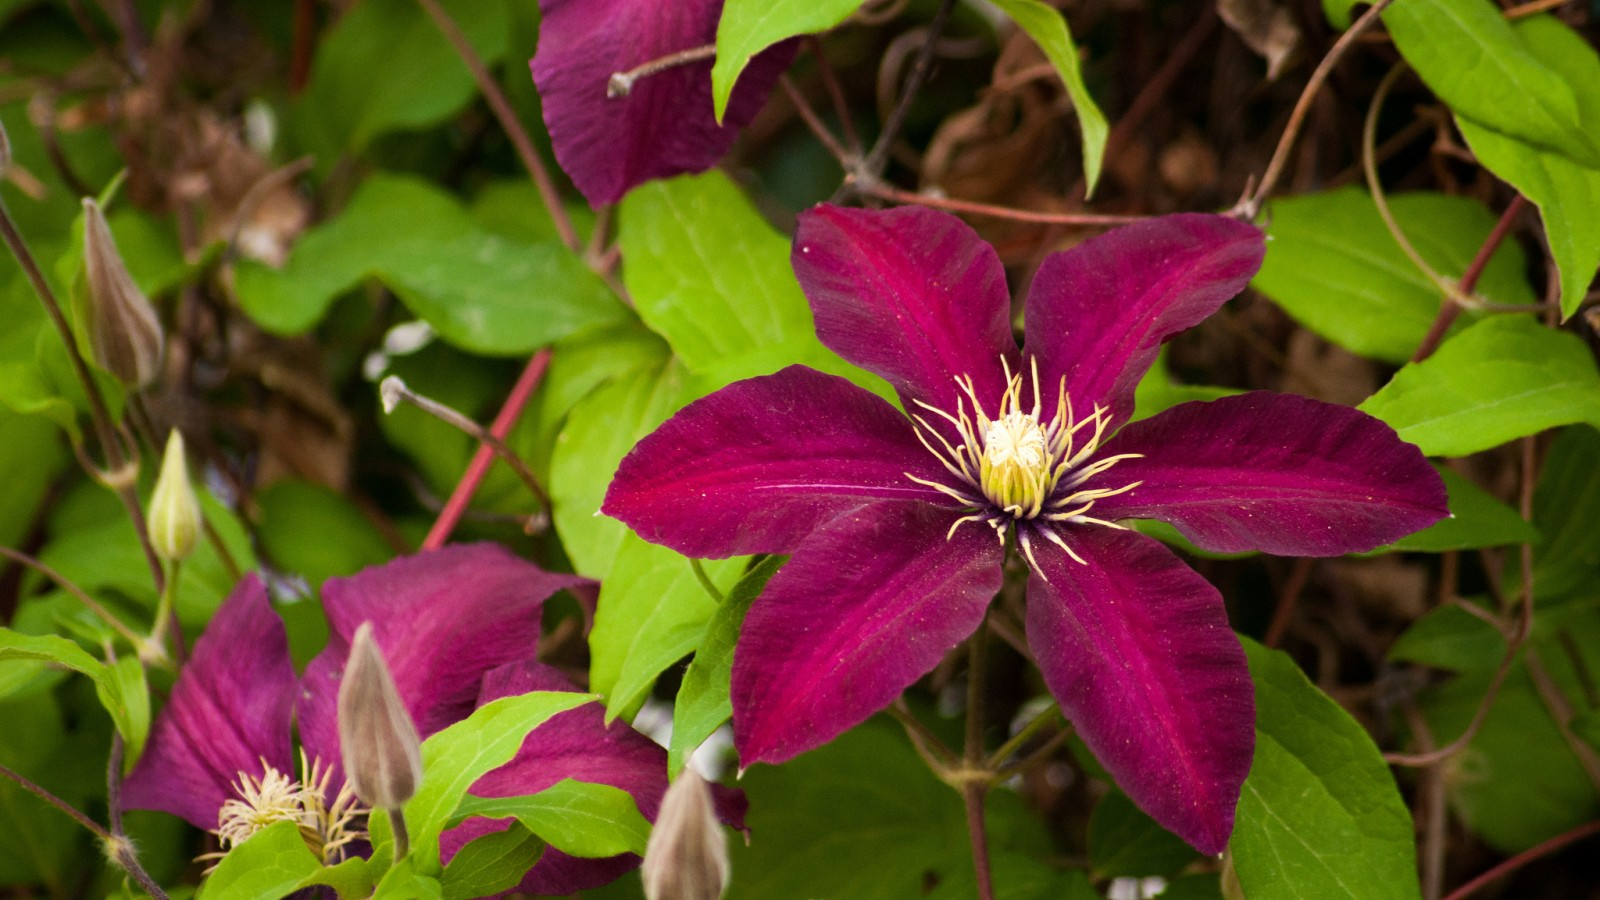 گل های قشنگ و فوق العاده زیبا